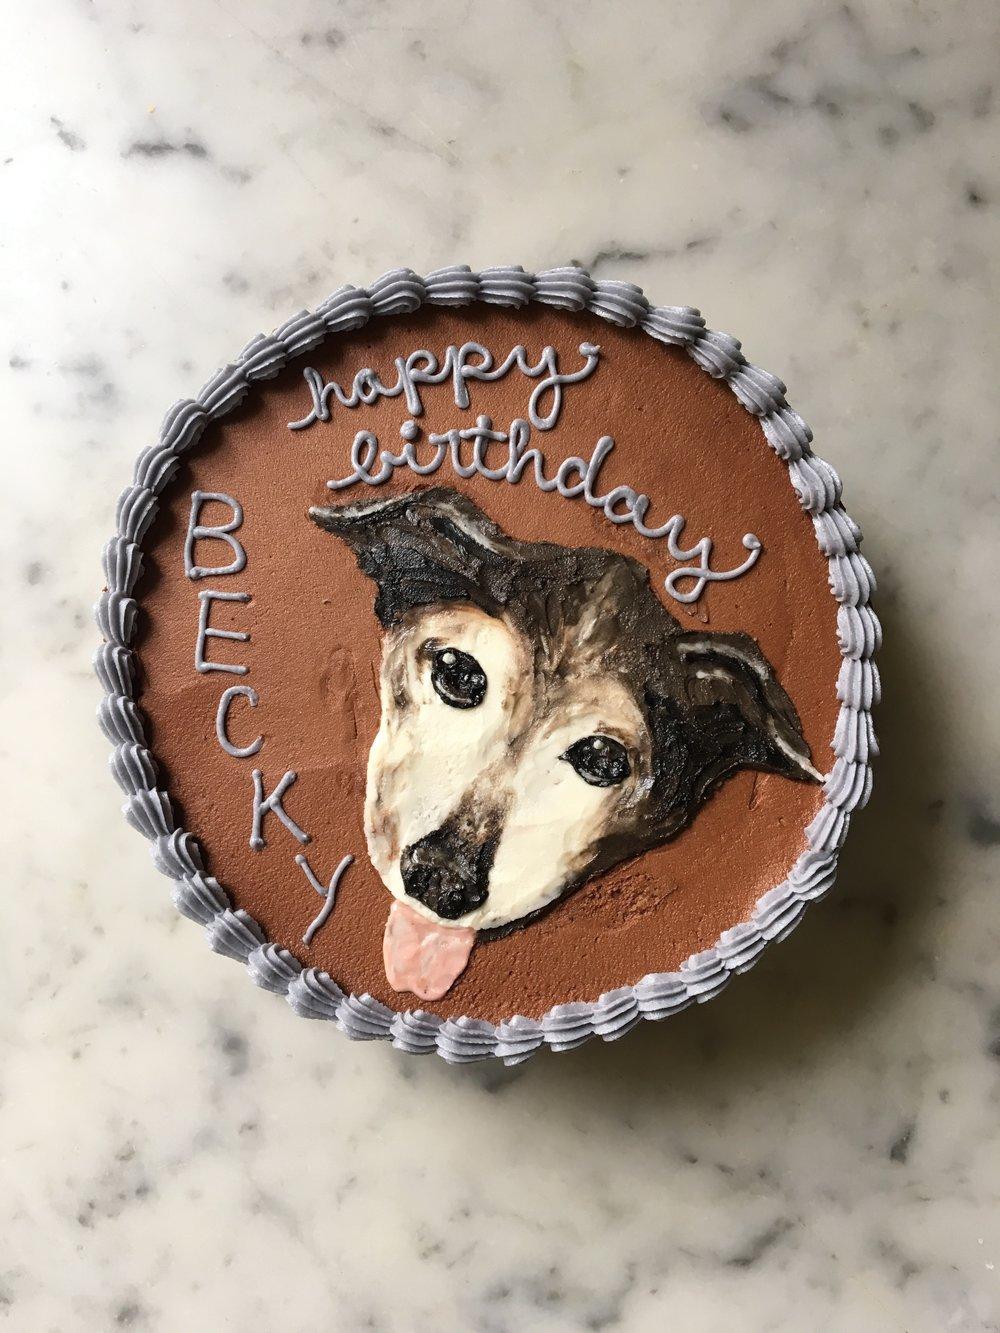 dog cake 2.JPG